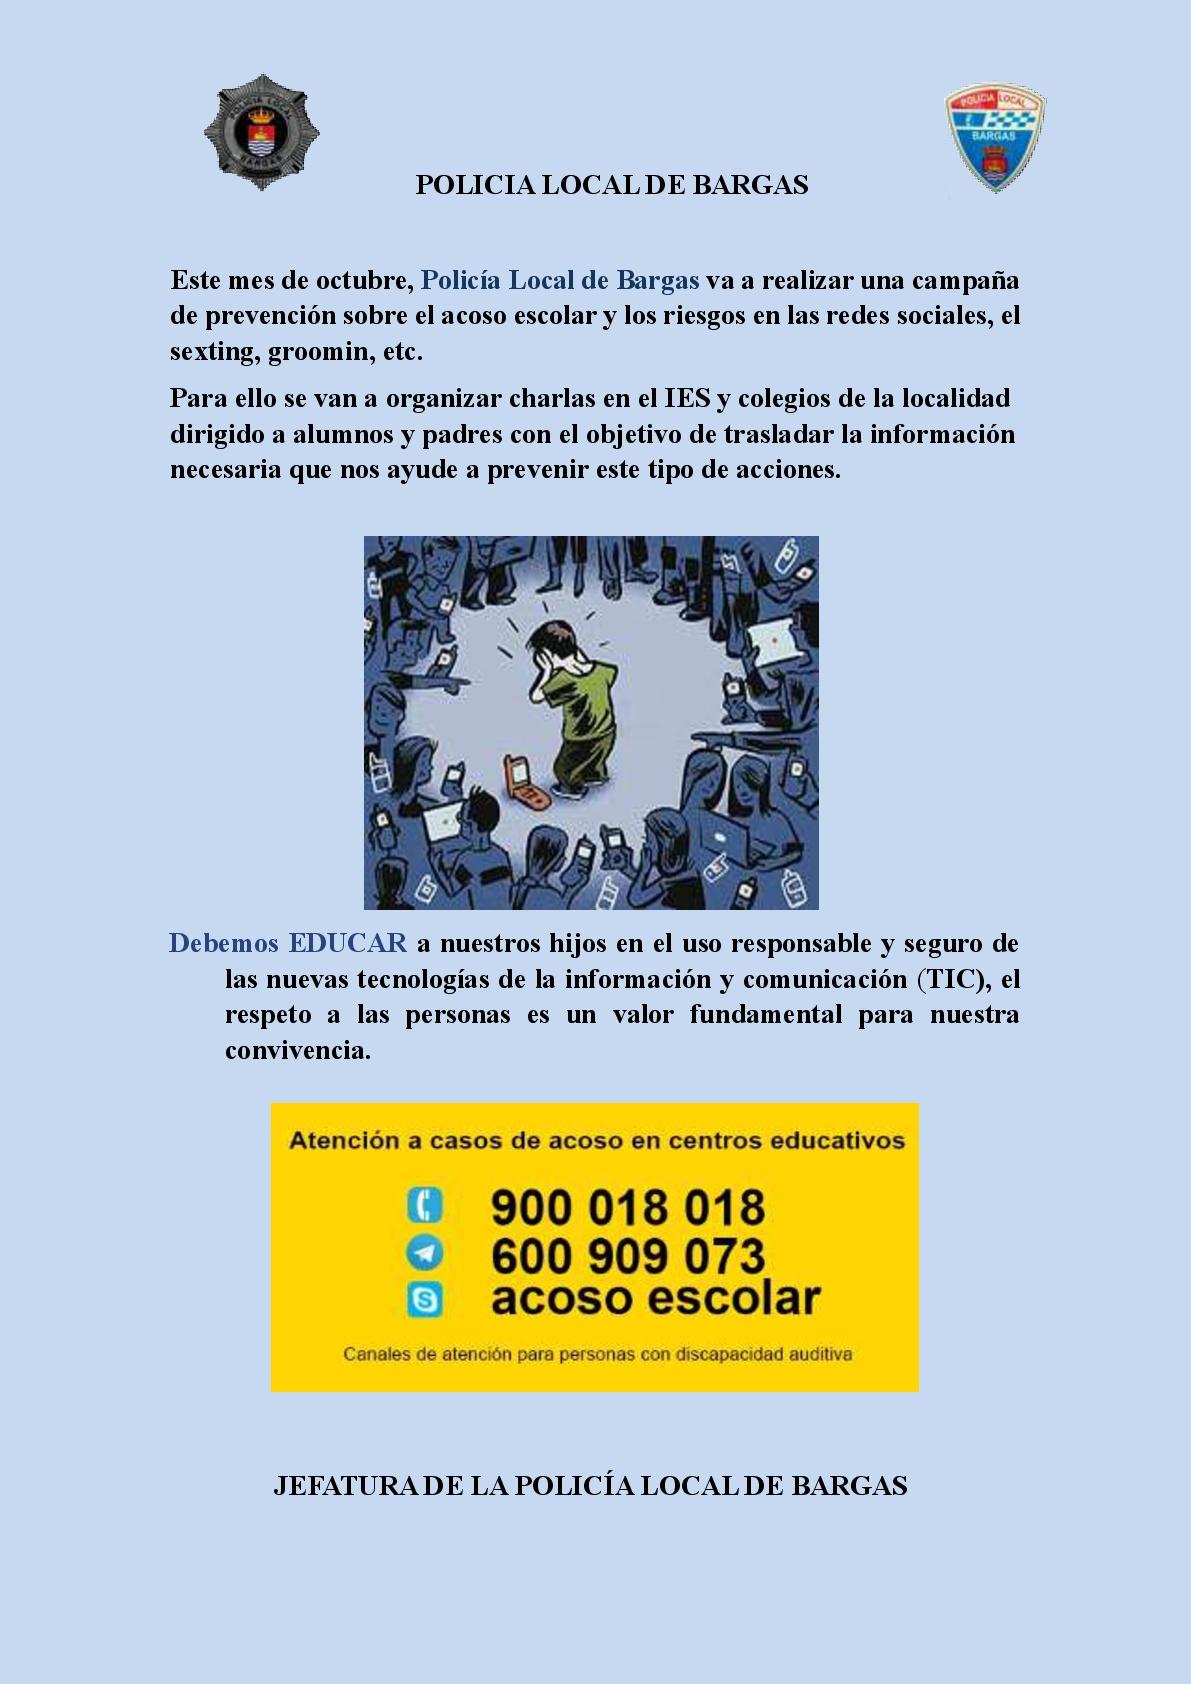 Campaña de prevención del acoso escolar